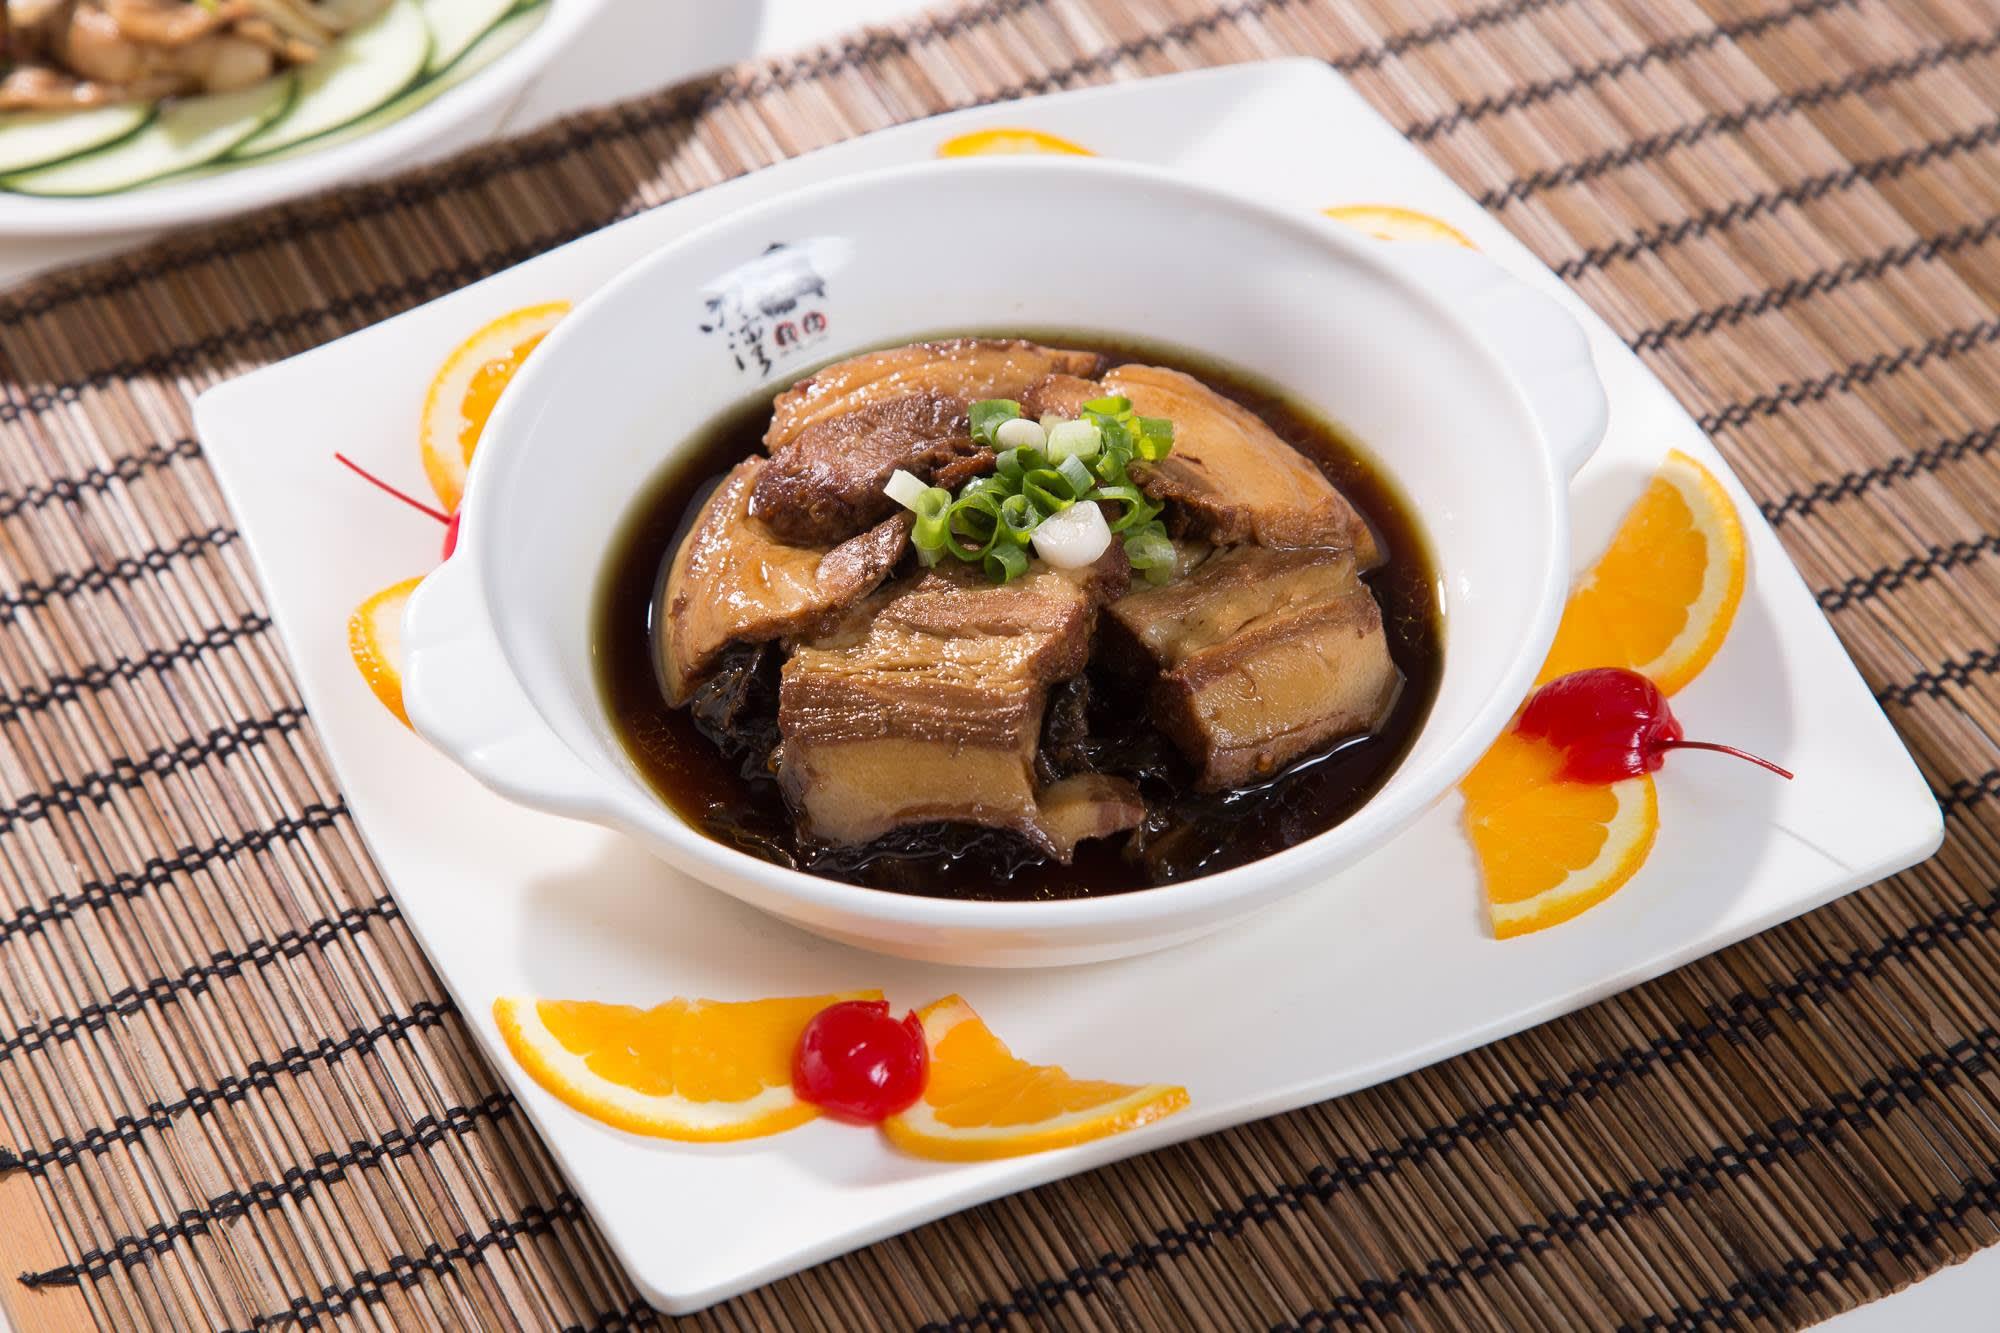 梅干扣肉。(圖片來源/內灣戲院人文客家菜館FB粉絲團)